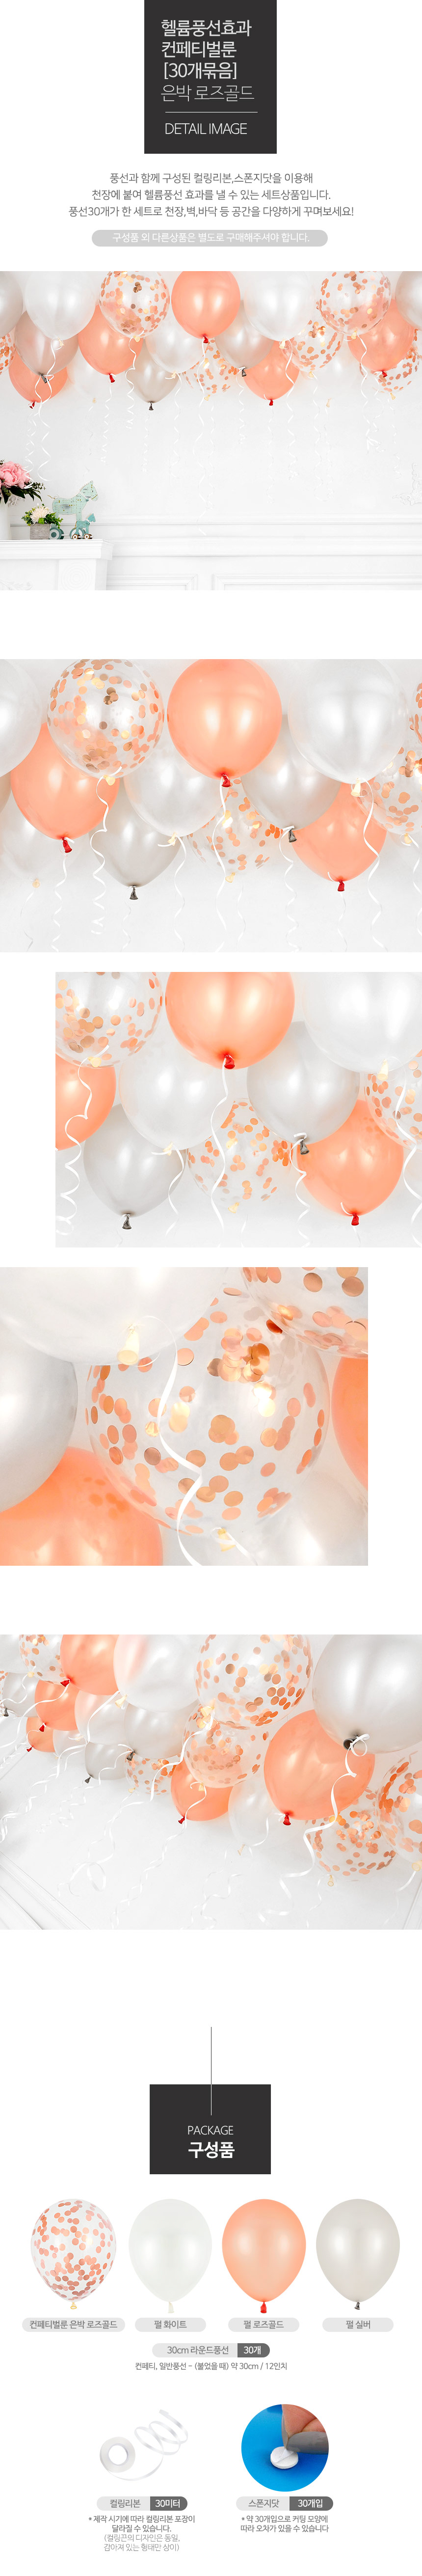 헬륨풍선효과 컨페티벌룬 은박 로즈골드 [30개묶음] _partypang - 파티팡, 9,800원, 파티용품, 풍선/세트